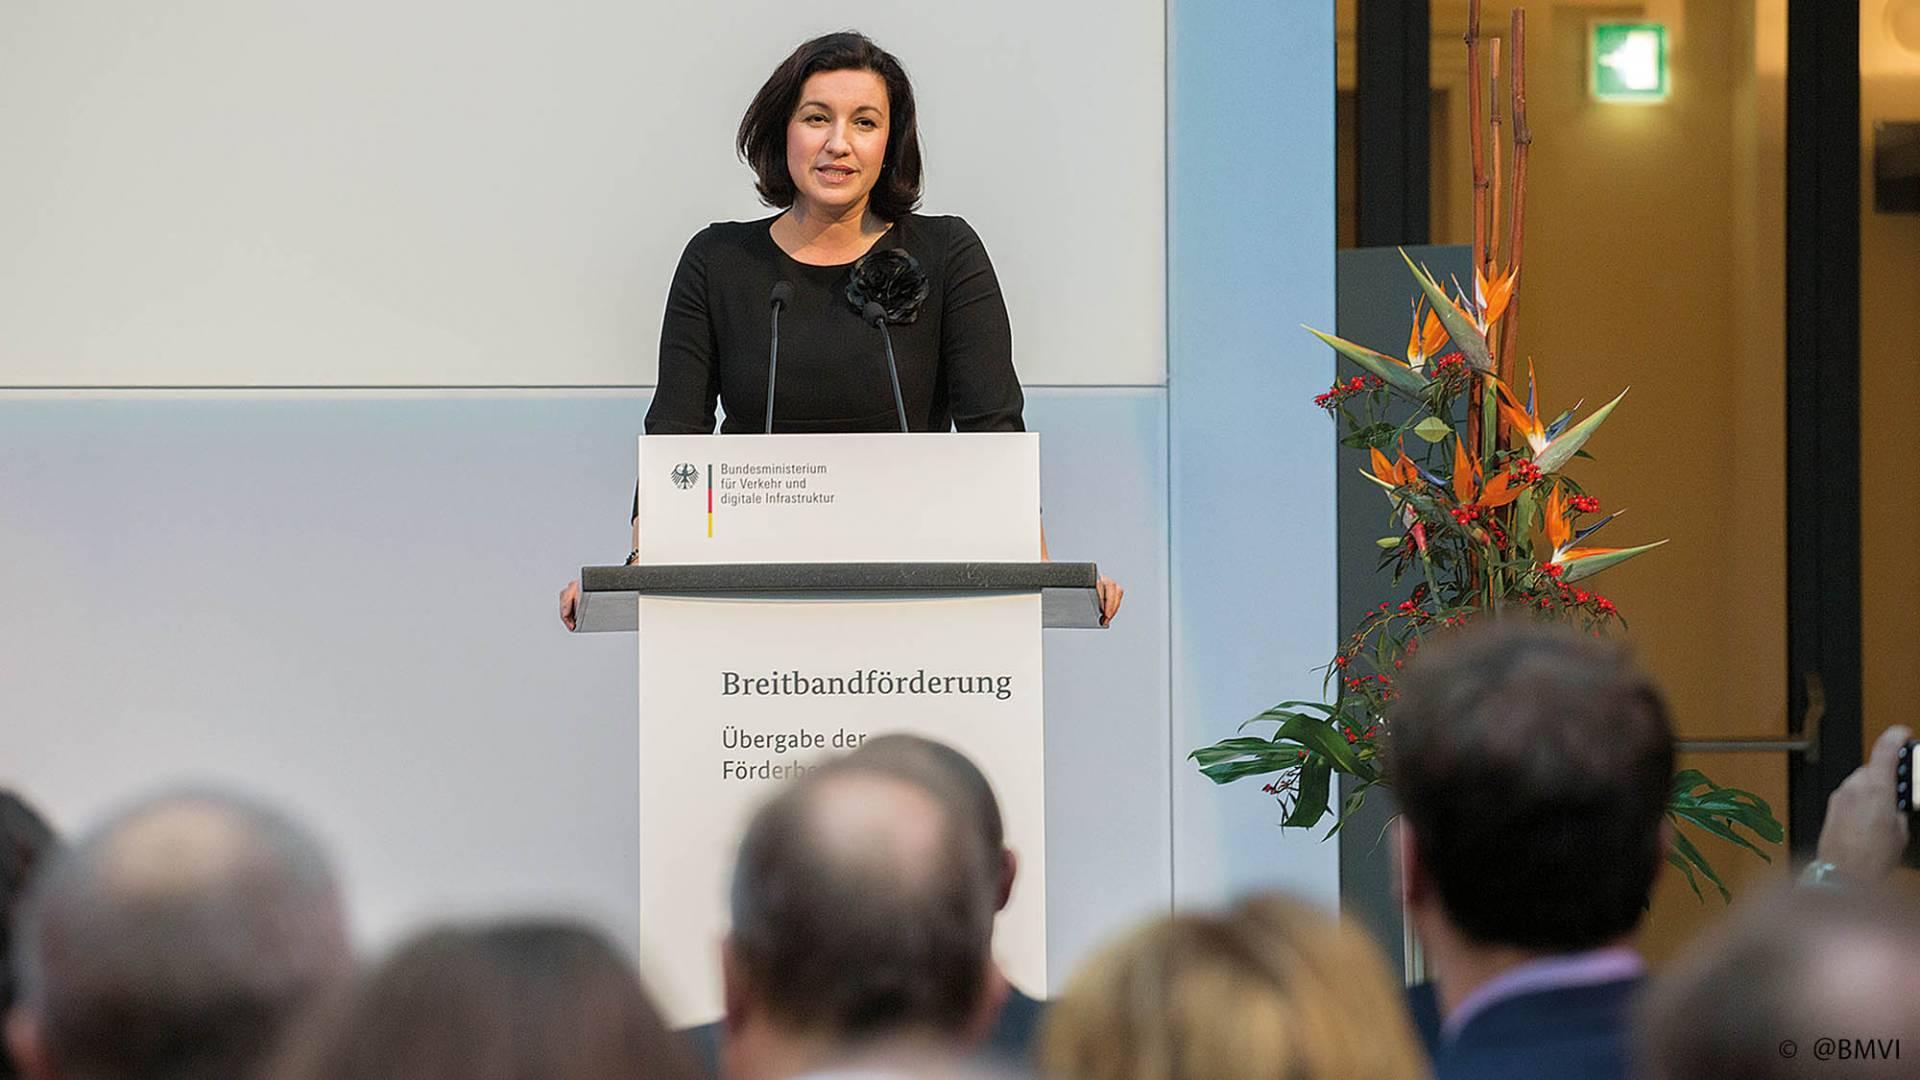 Die Parlamentarische Staatssekretärin Dorothee Bär bei der Übergabe von Breitbandbescheiden